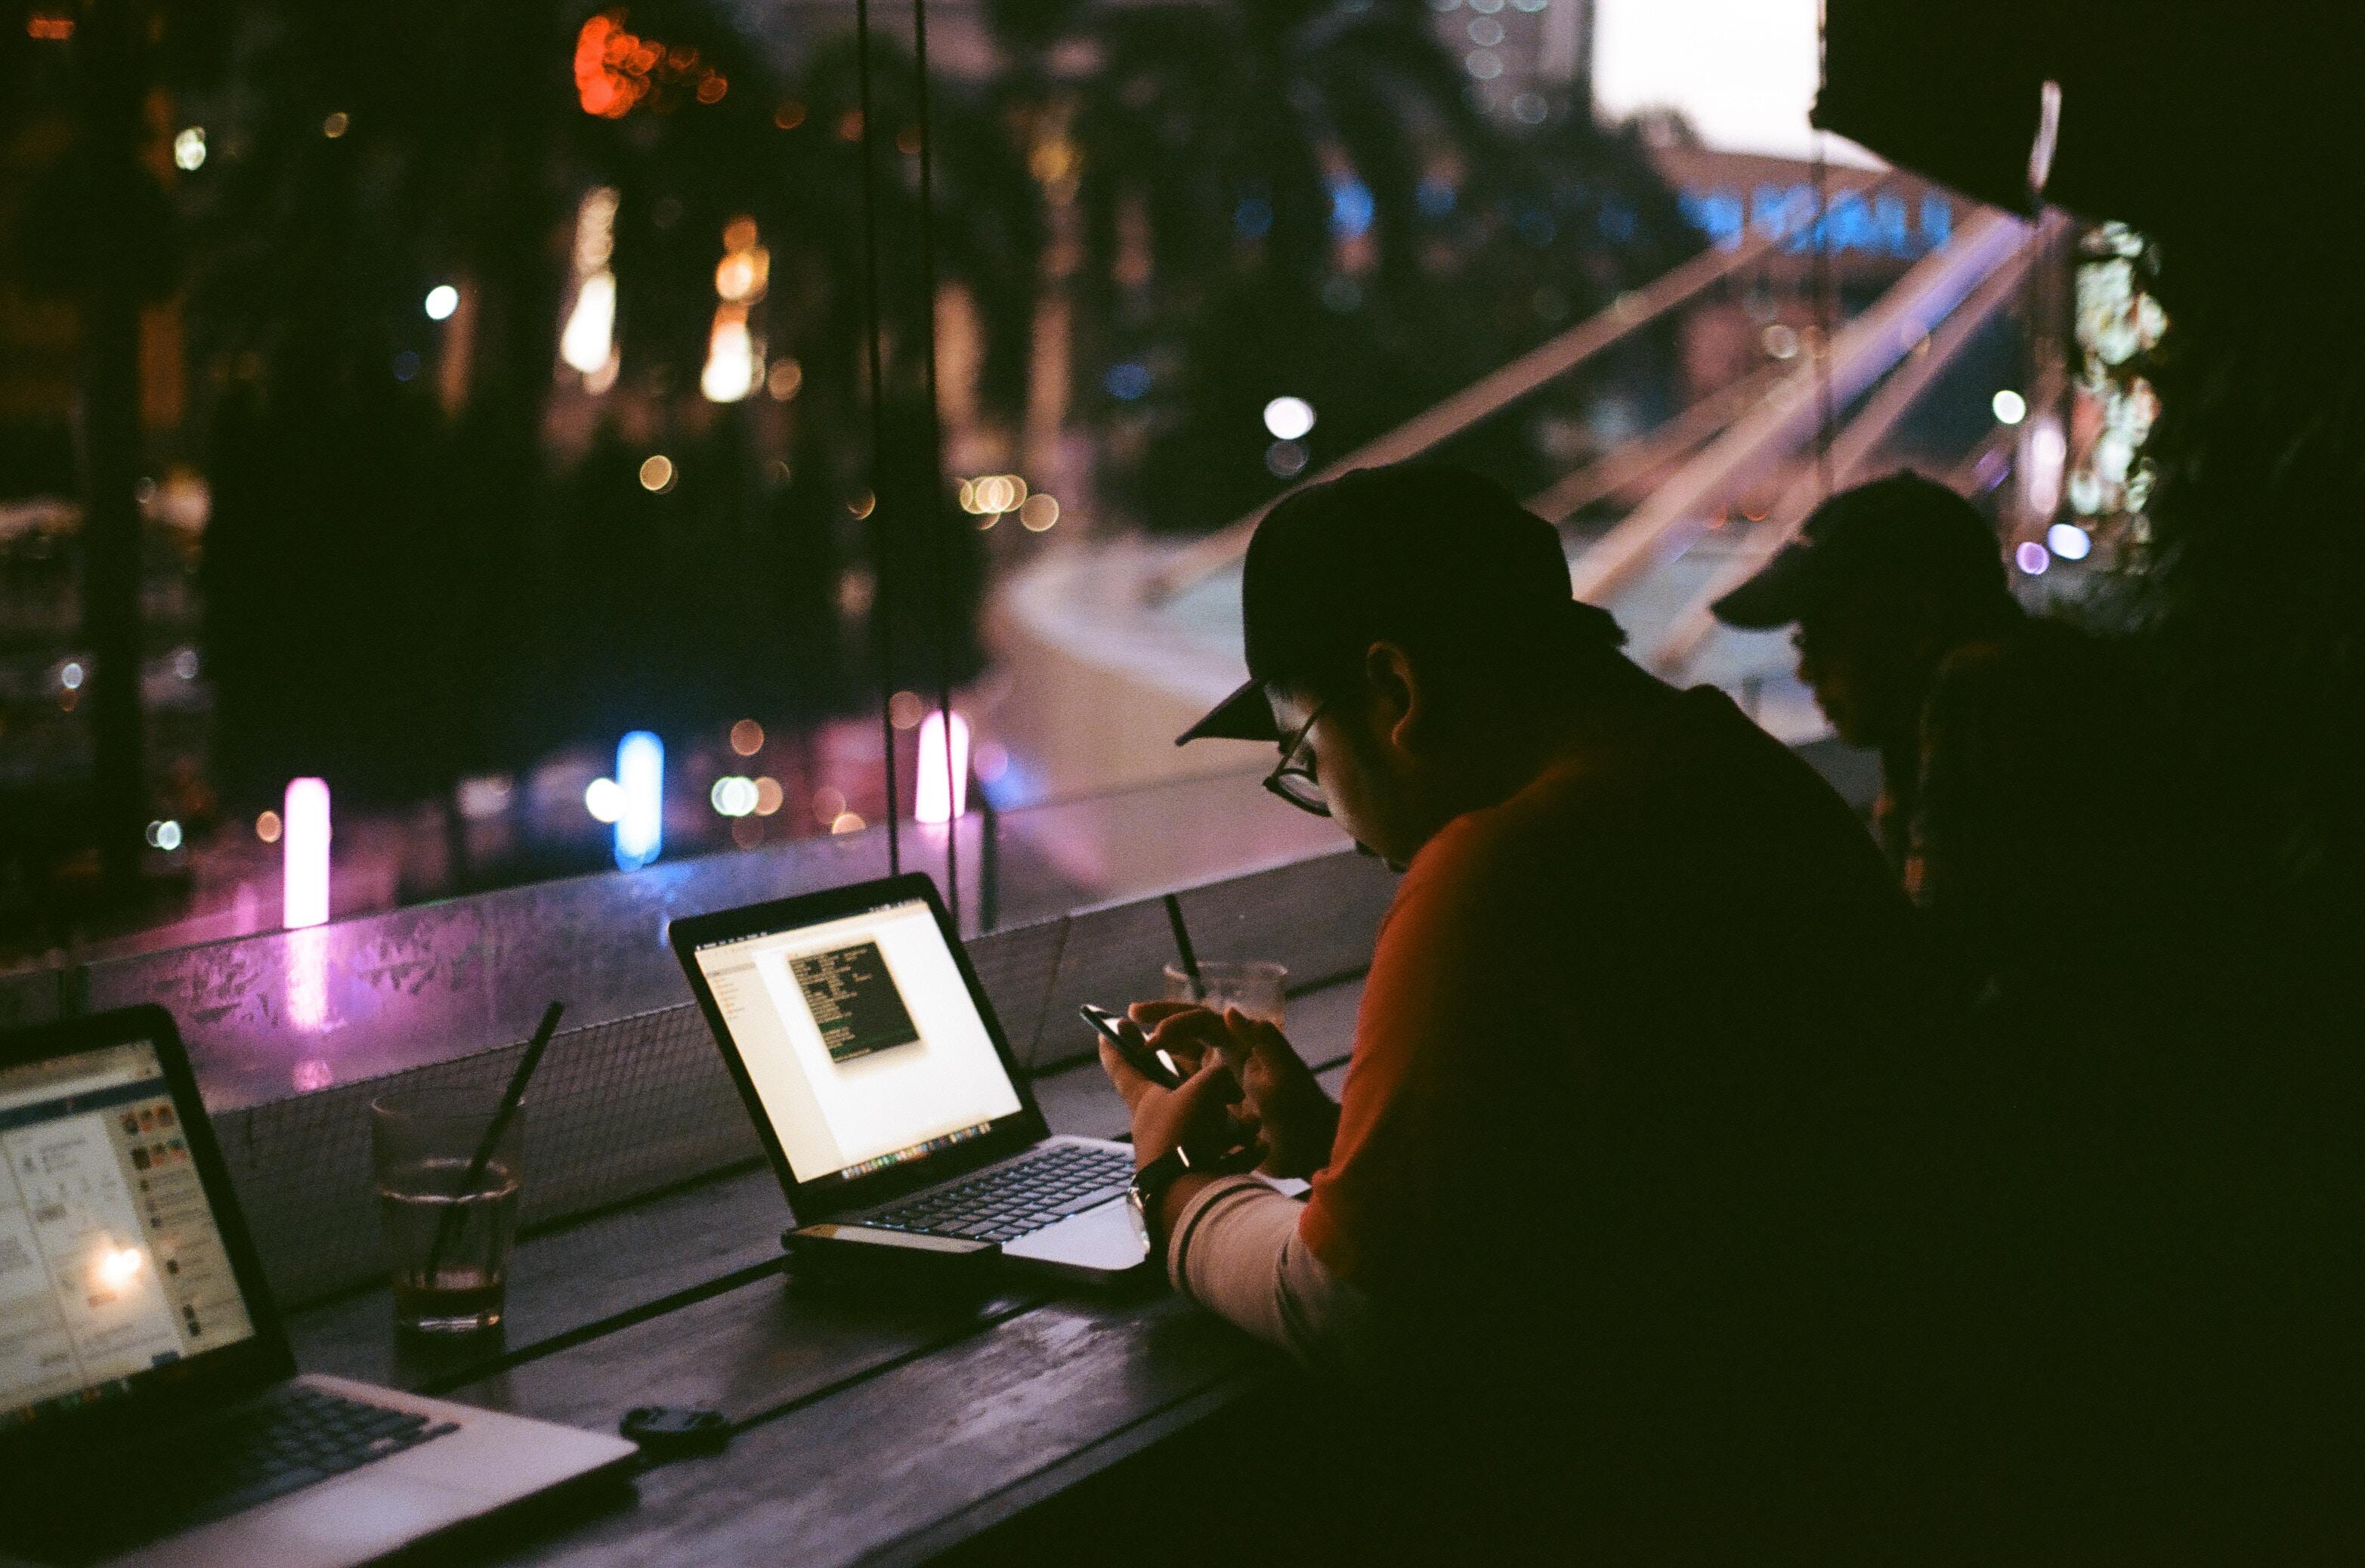 muhammad raufan yusup 254422 unsplash - Est-ce vraiment simple de devenir Web-Entrepreneur